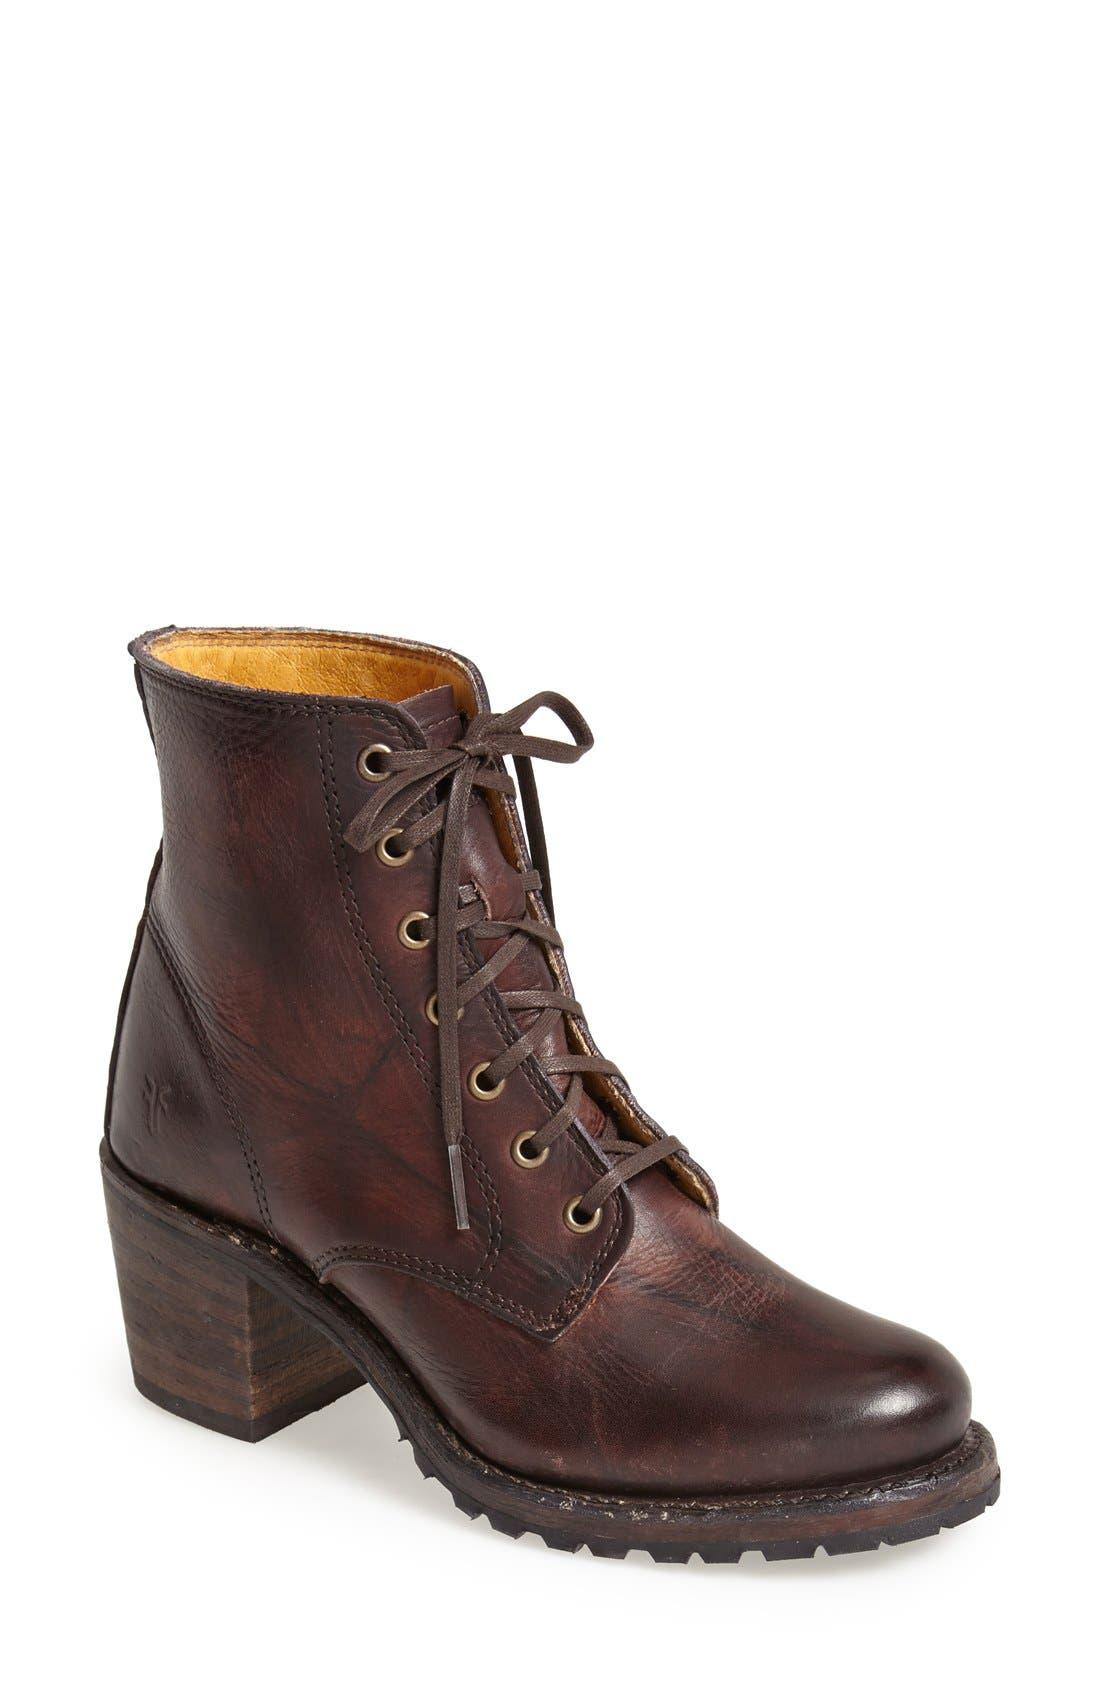 Main Image - Frye 'Sabrina' Boot